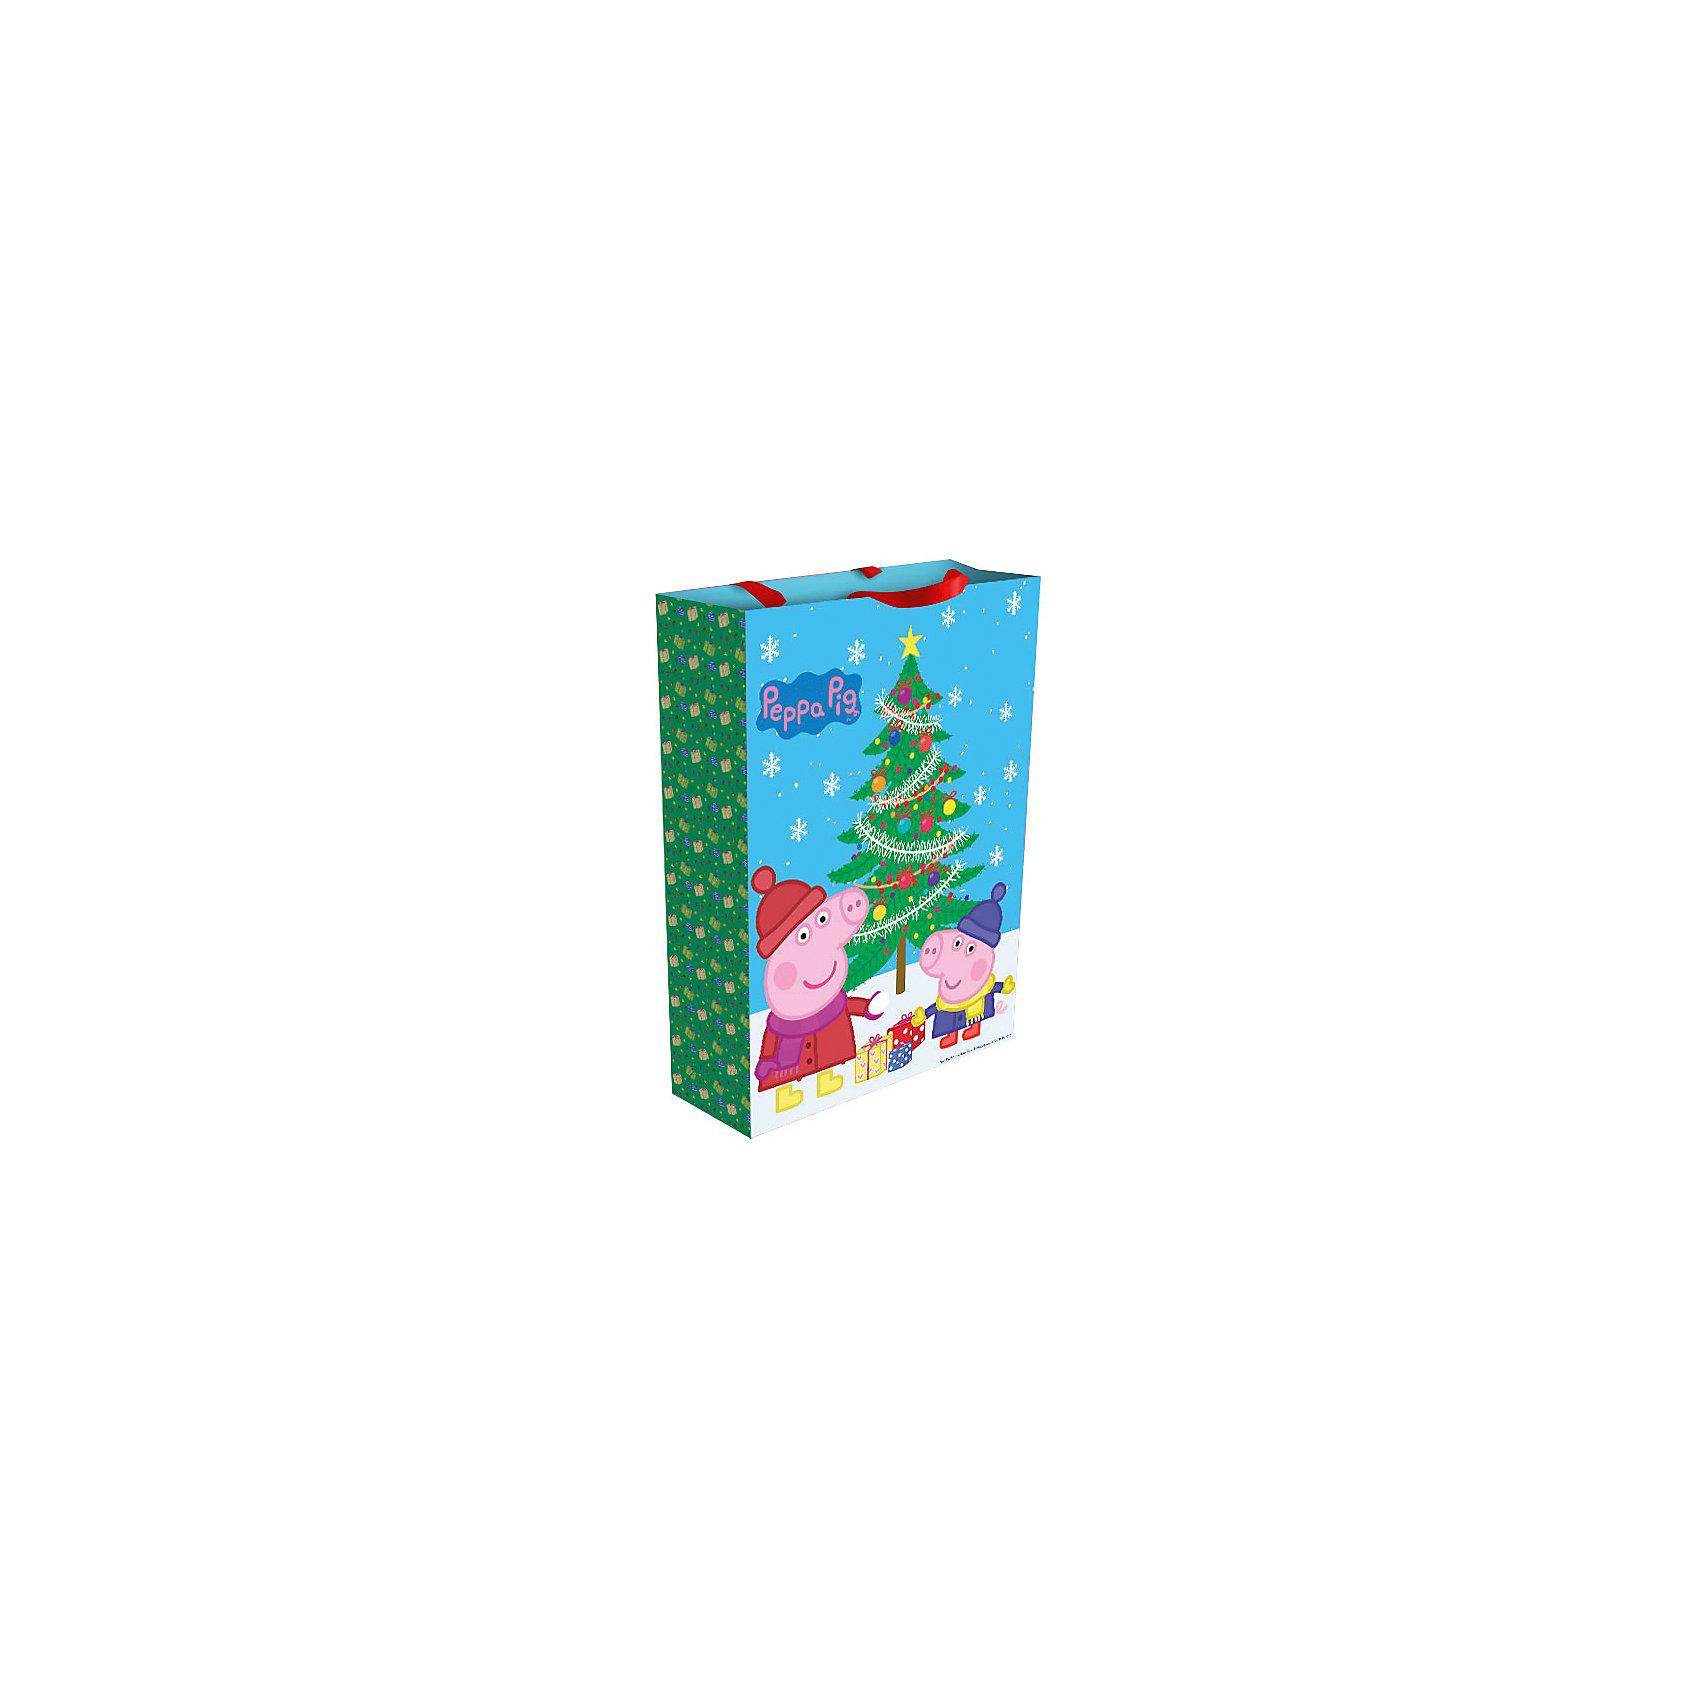 Пакет подарочный Пеппа зимой 35*25*9 см, Свинка ПеппаНовинки для детской<br>Подарочный пакет Пеппа зимой, Свинка Пеппа, поможет Вам красиво и оригинально оформить новогодний подарок для ребенка. Пакет с двумя ленточными ручками украшен ярким рисунком с изображением забавных героев популярного мультсериала Свинка Пеппа (Peppa Pig).<br><br>Дополнительная информация:<br><br>- Материал: бумага. <br>- Размер пакета: 35 х 25 х 9 см.<br>- Вес: 78 гр.<br><br>Пакет подарочный Пеппа зимой, Свинка Пеппа, можно купить в нашем интернет-магазине.<br><br>Ширина мм: 350<br>Глубина мм: 250<br>Высота мм: 5<br>Вес г: 78<br>Возраст от месяцев: 36<br>Возраст до месяцев: 84<br>Пол: Унисекс<br>Возраст: Детский<br>SKU: 4244170